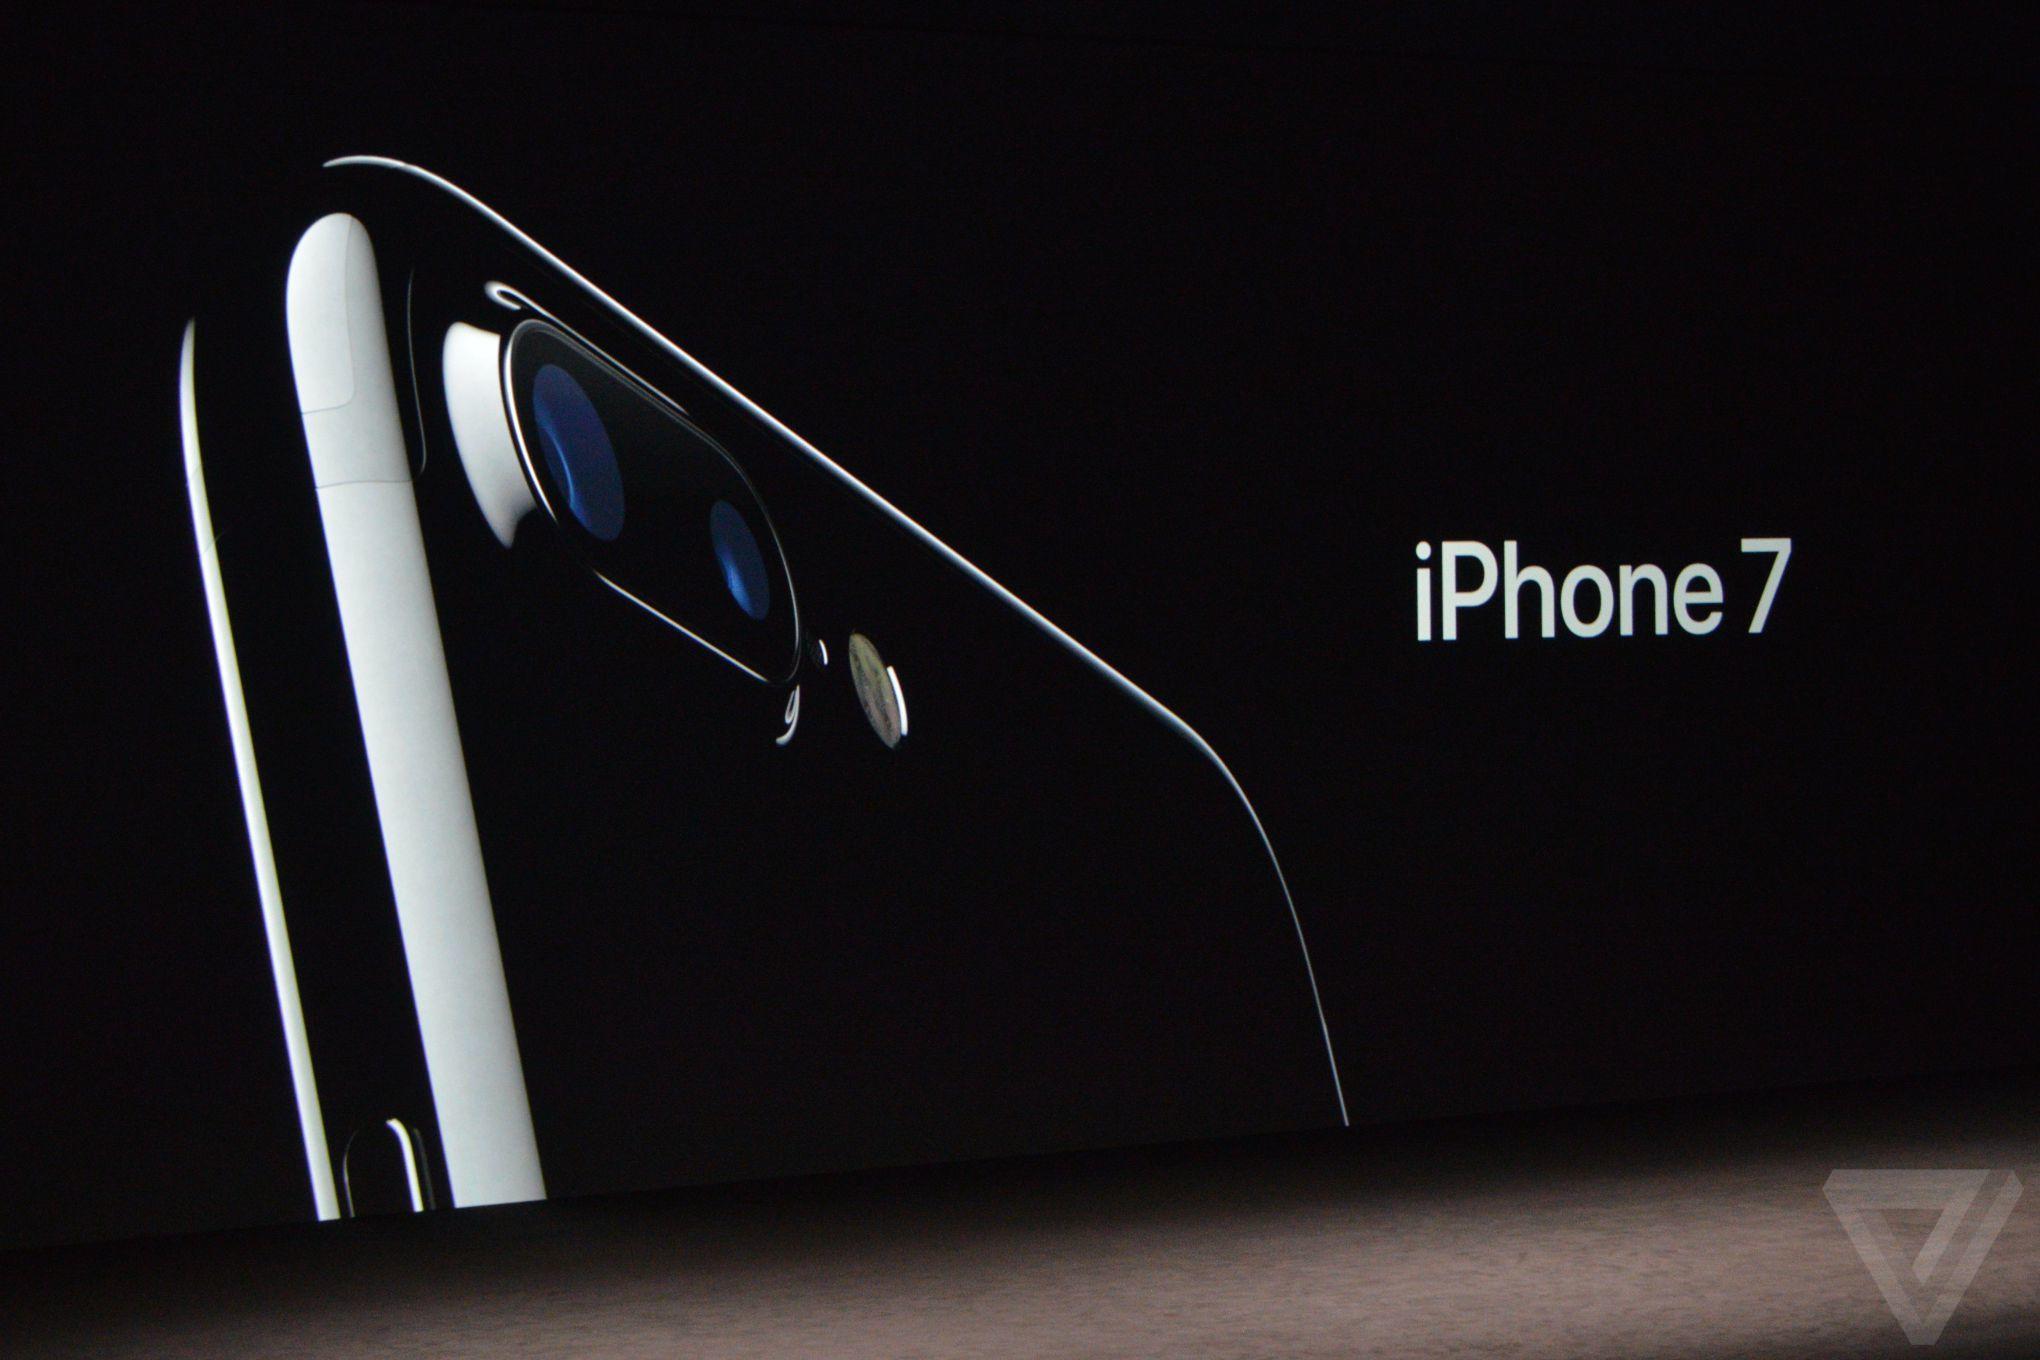 ទីបផុត iPhone 7/7 Plus បាននង្ហាញខ្លួនជាផ្លូវការណ៍ហើយជាមួយនឹងលក្ខណៈសម្បត្តិមិនធម្មតា!!